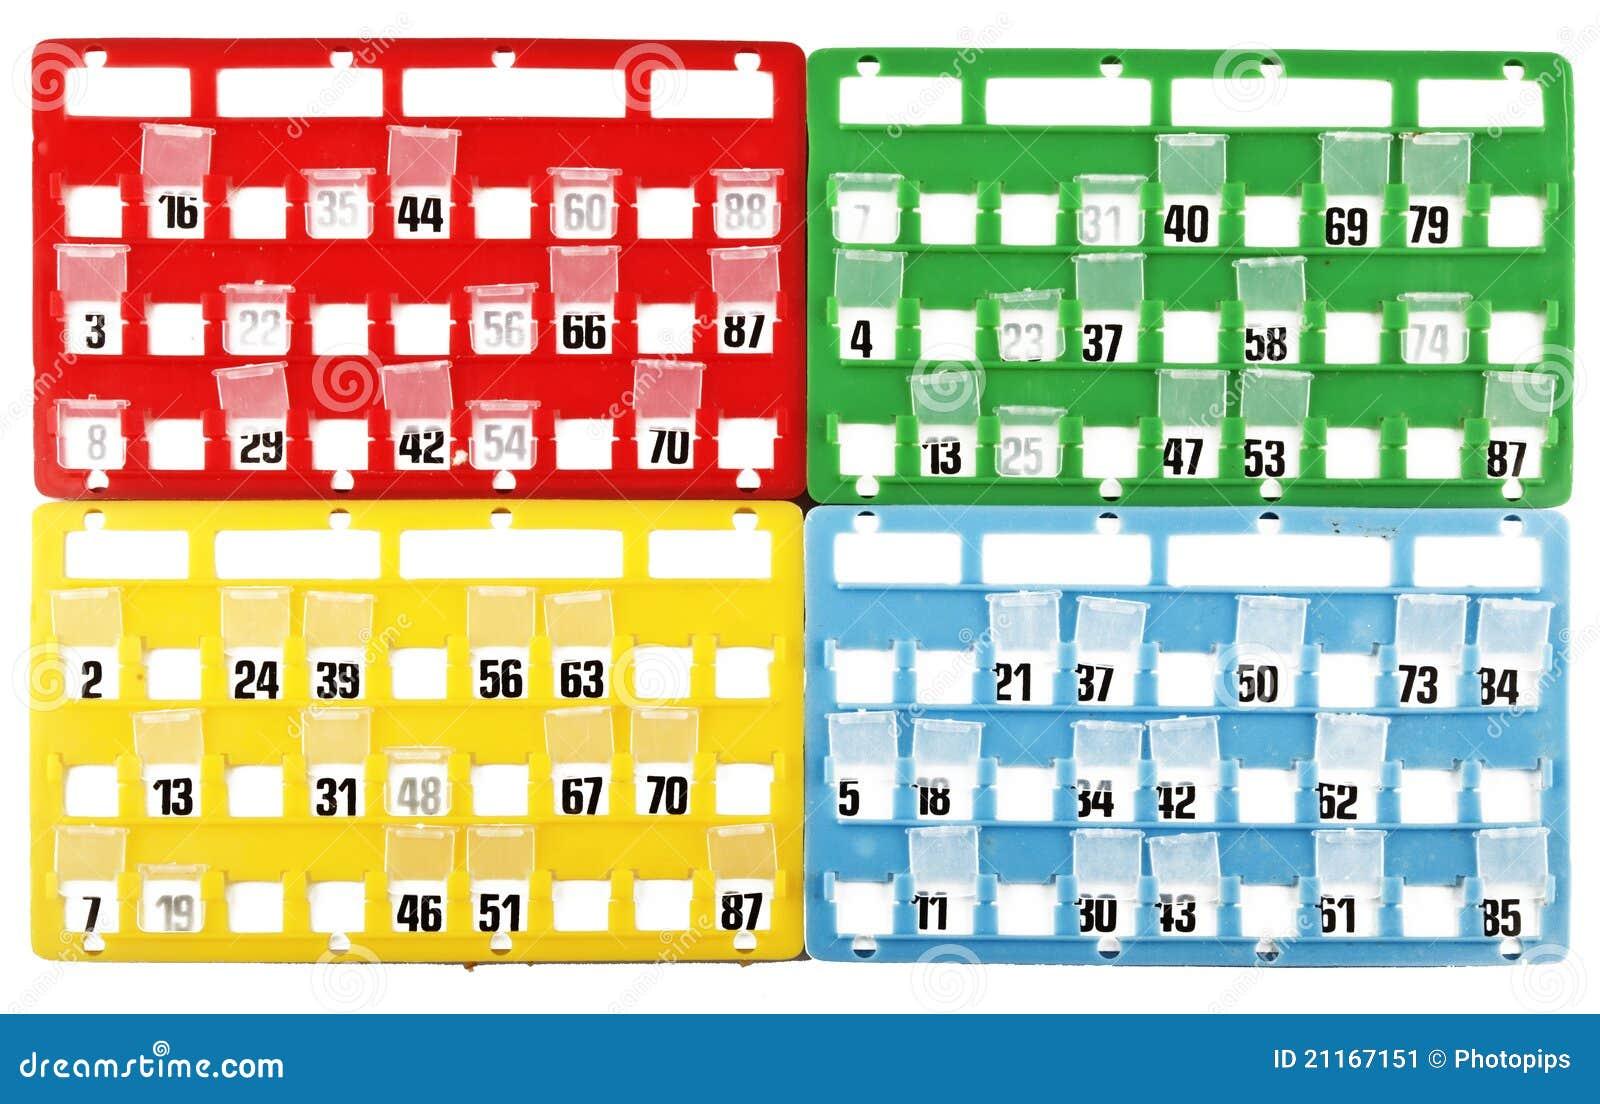 Célèbre Carte De Bingo-test Image stock - Image: 21167151 YC09